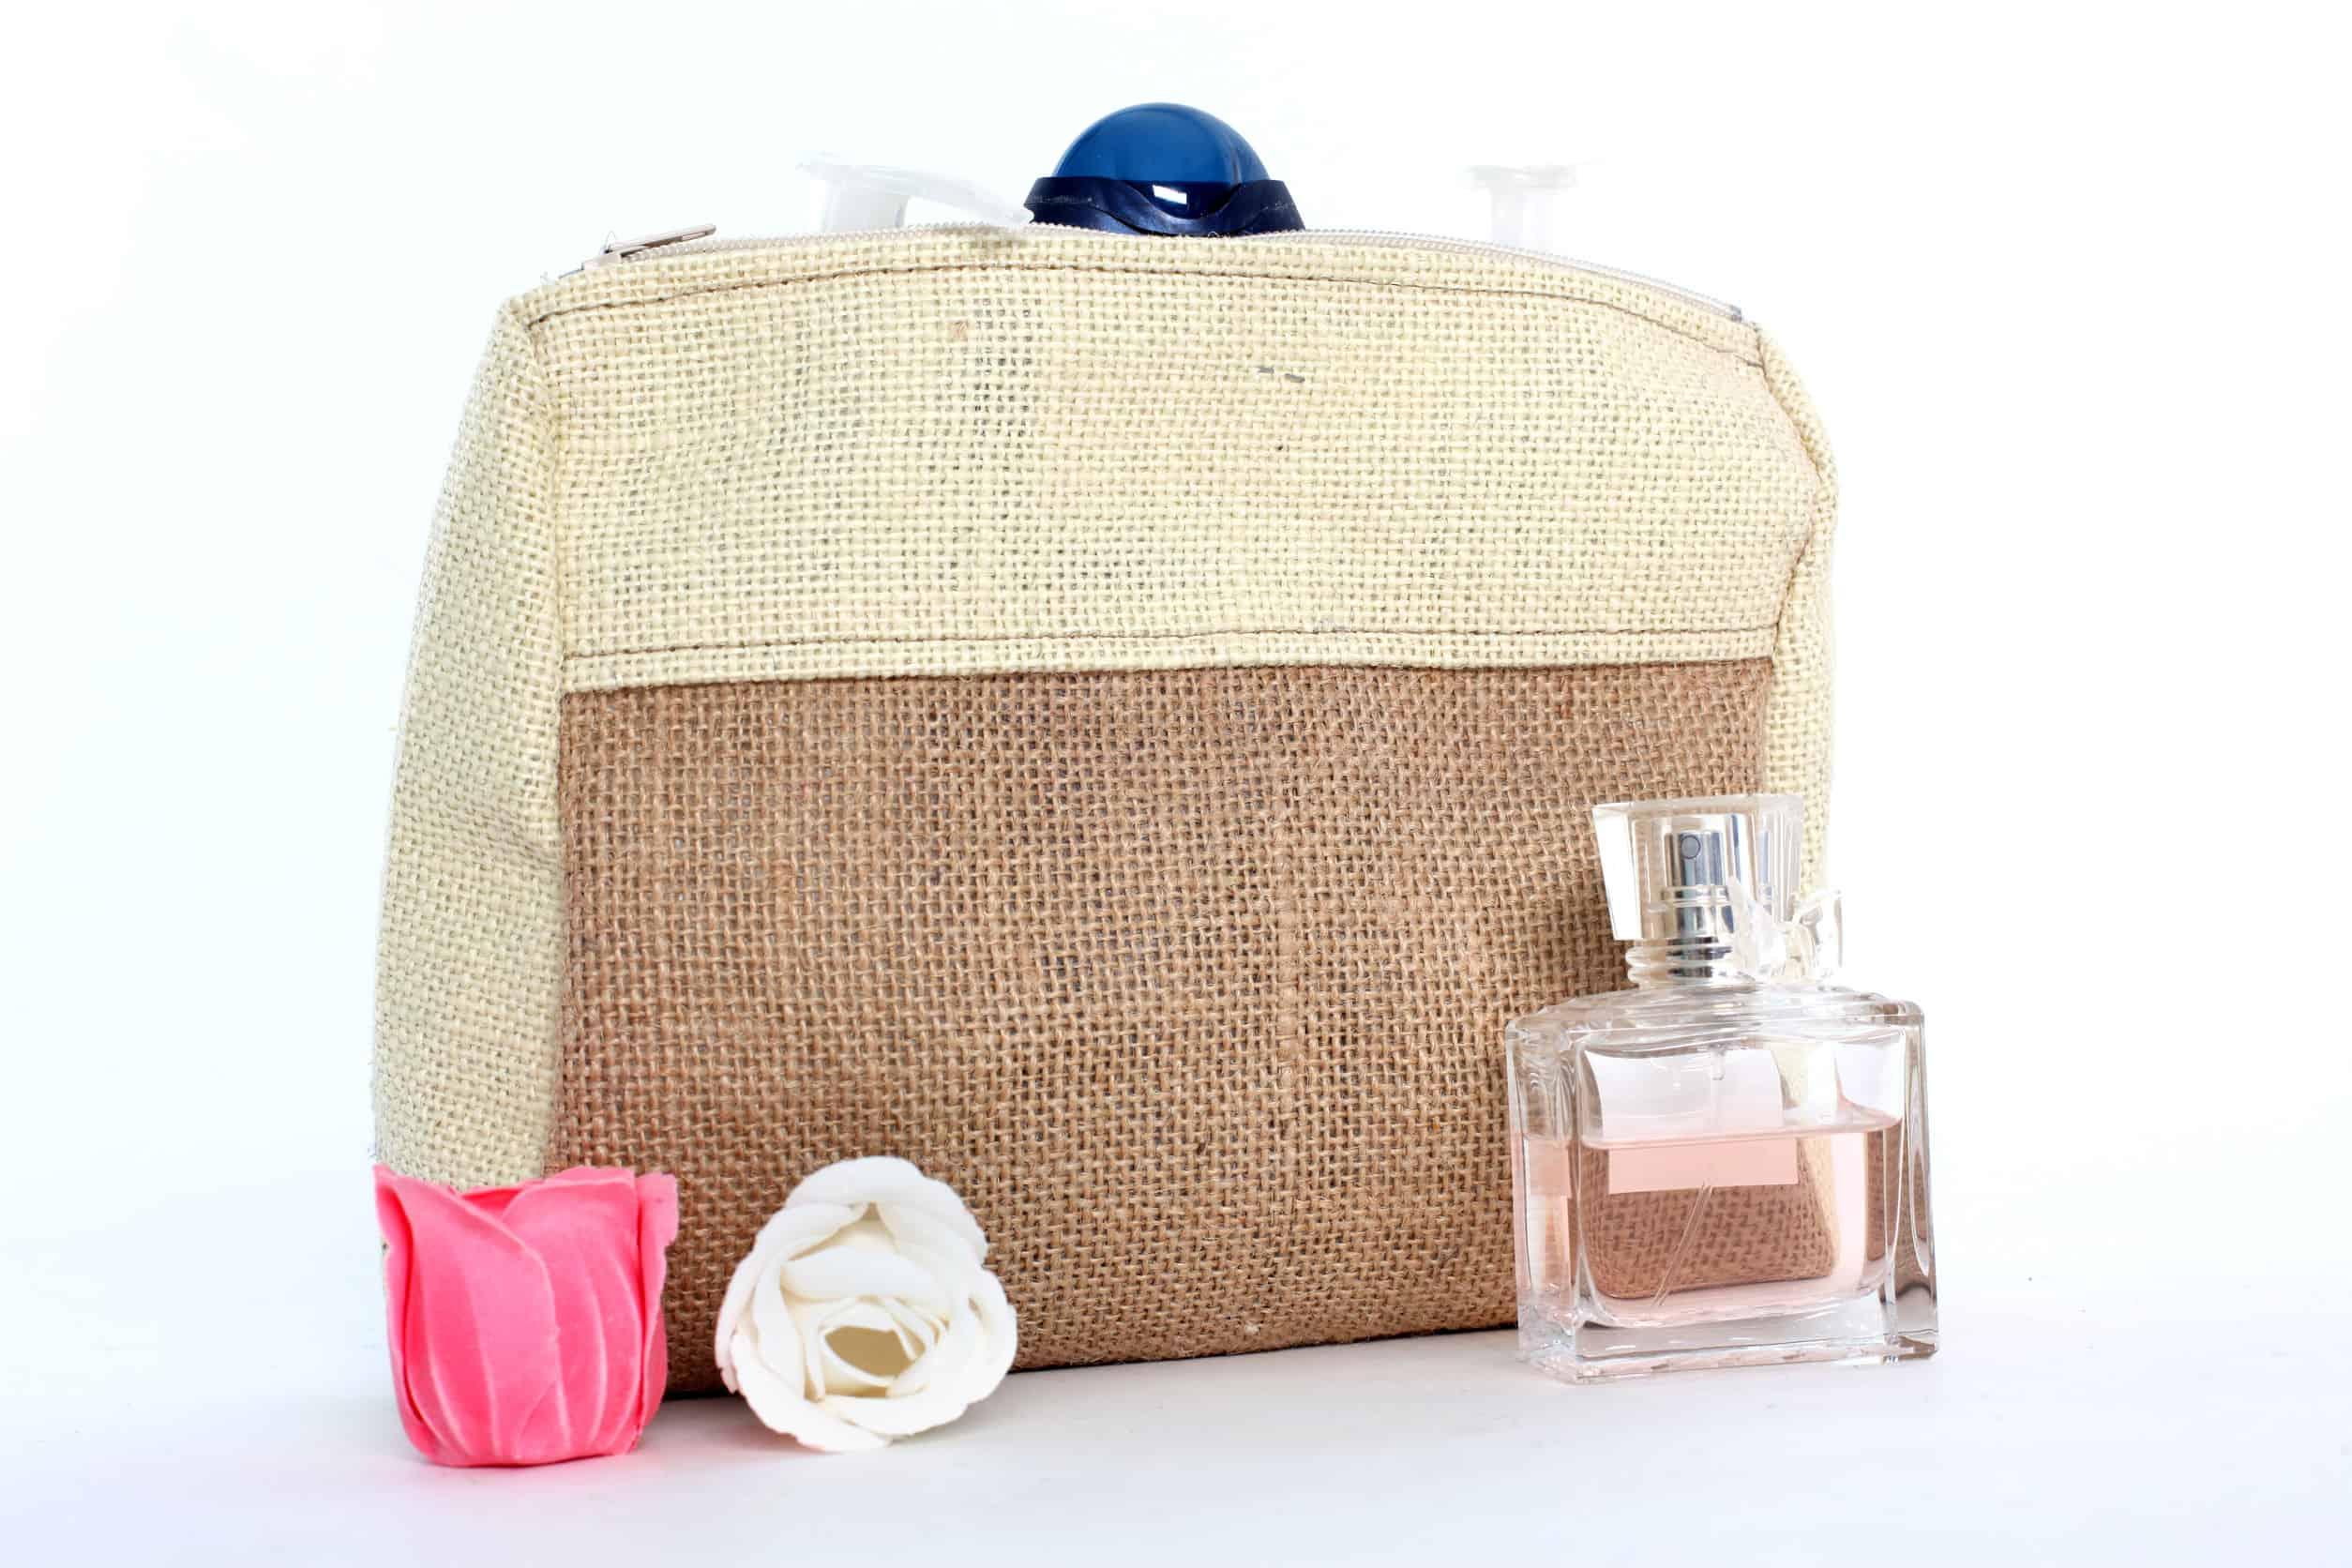 Foto de uma nécessaire feita de um material que imita palha, em dois tons, com um perfume e duas rosas na sua frente.